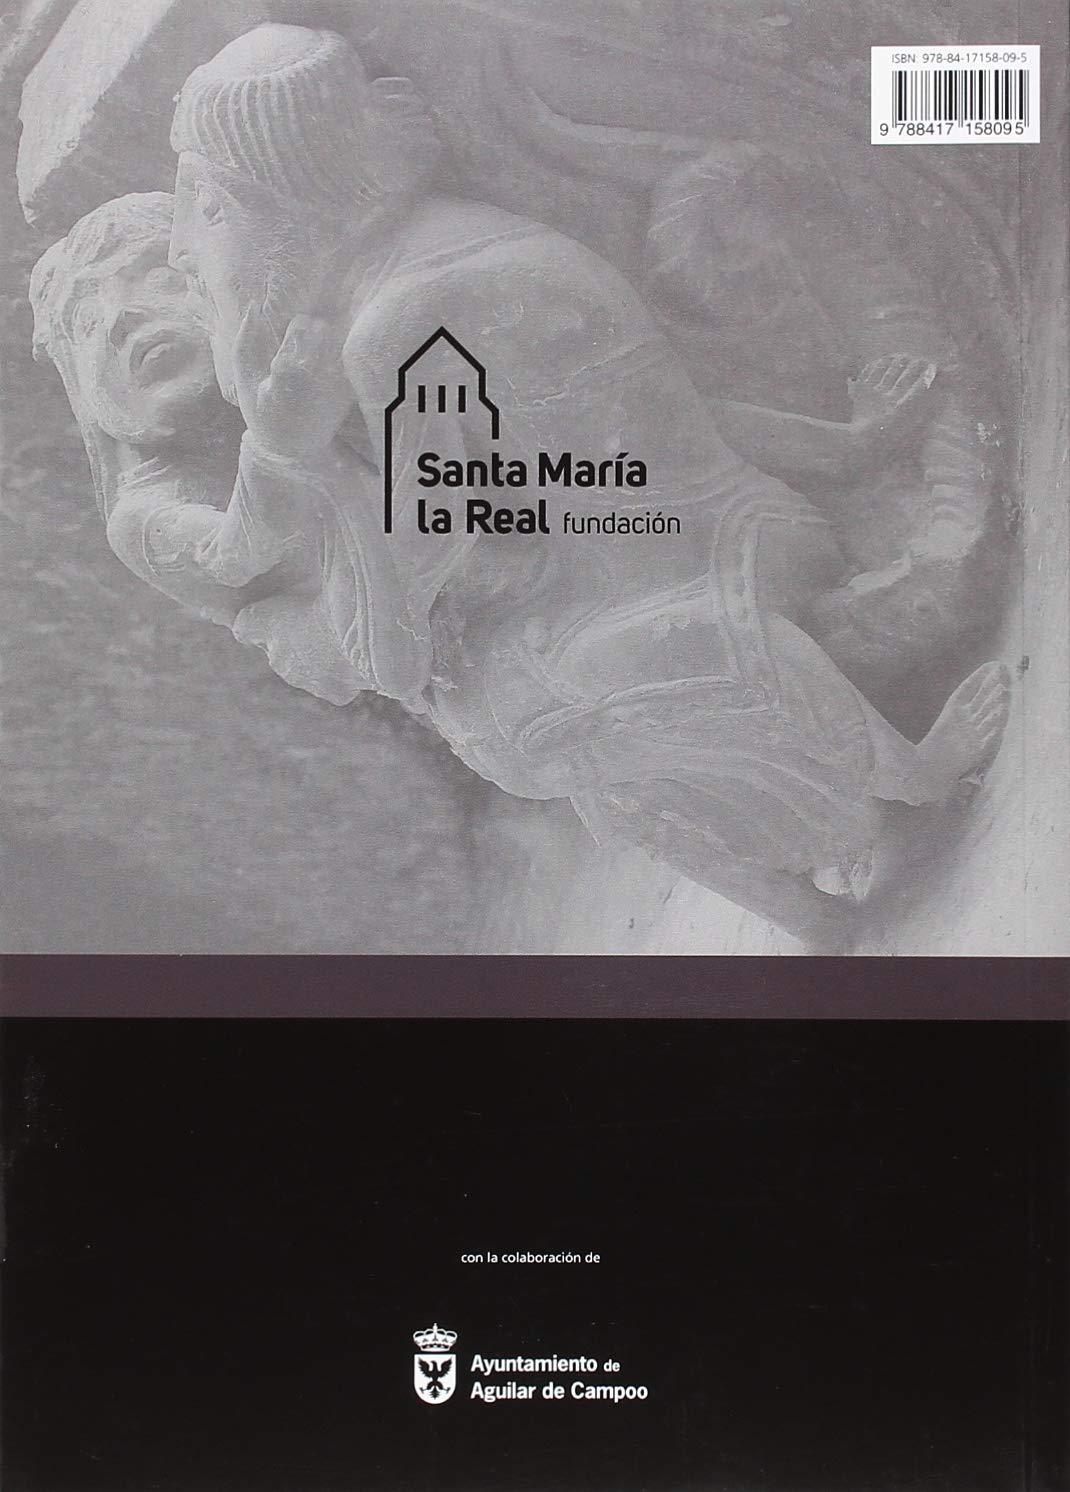 Arte y sexualidad en los siglos del románico: imágenes y contextos: Amazon.es: VARIOS AUTORES, MONTOLIU PAULí, XAVIER: Libros